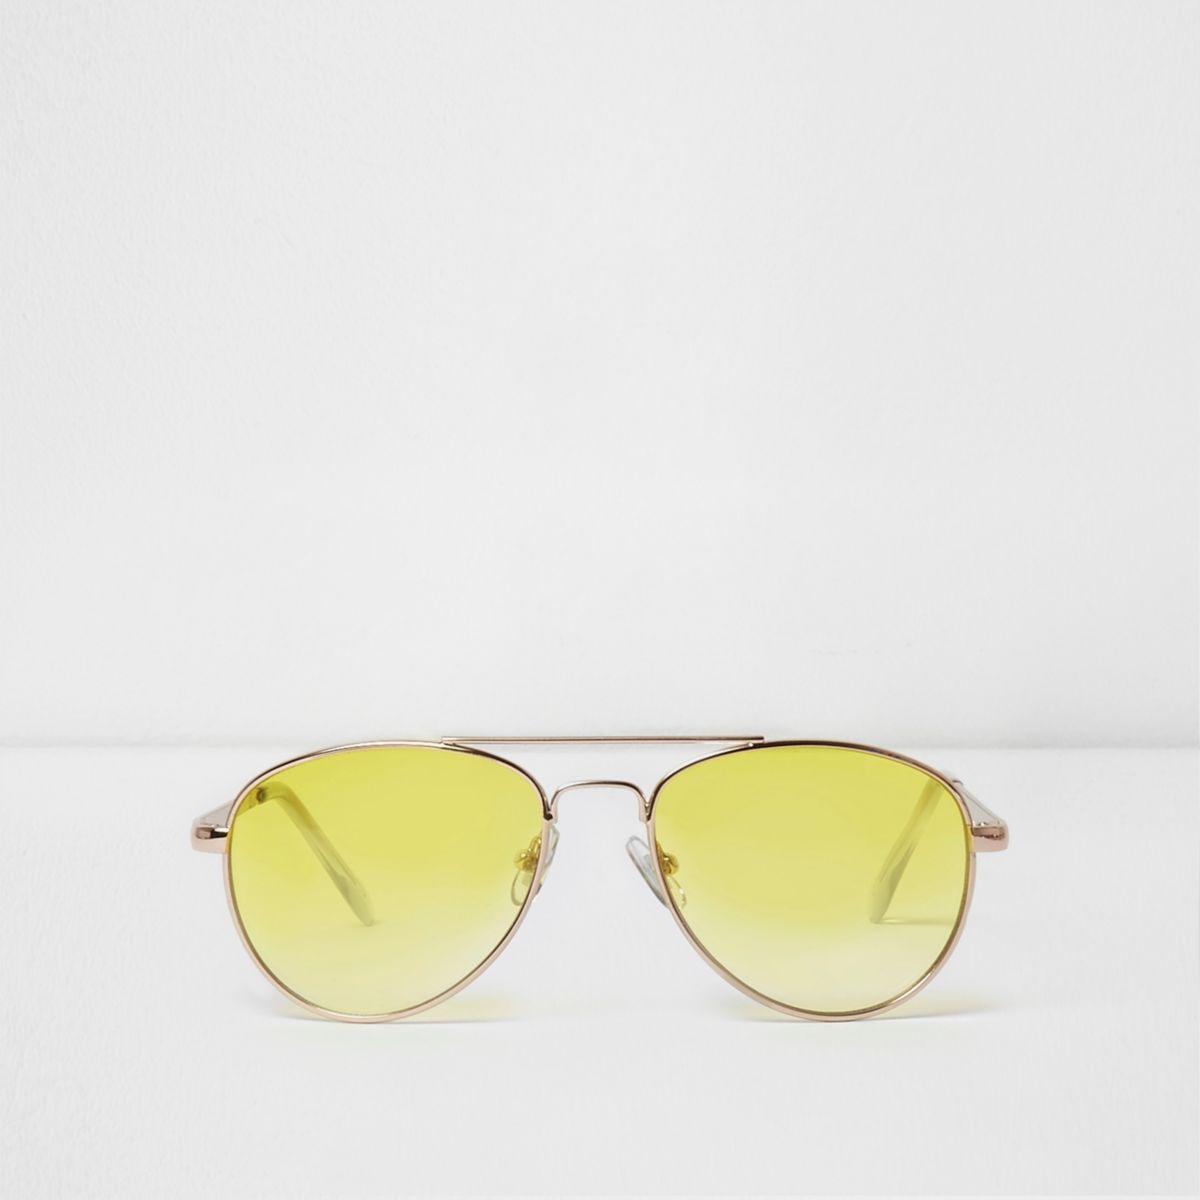 Lunettes de soleil aviateur à verres jaunes pour fille